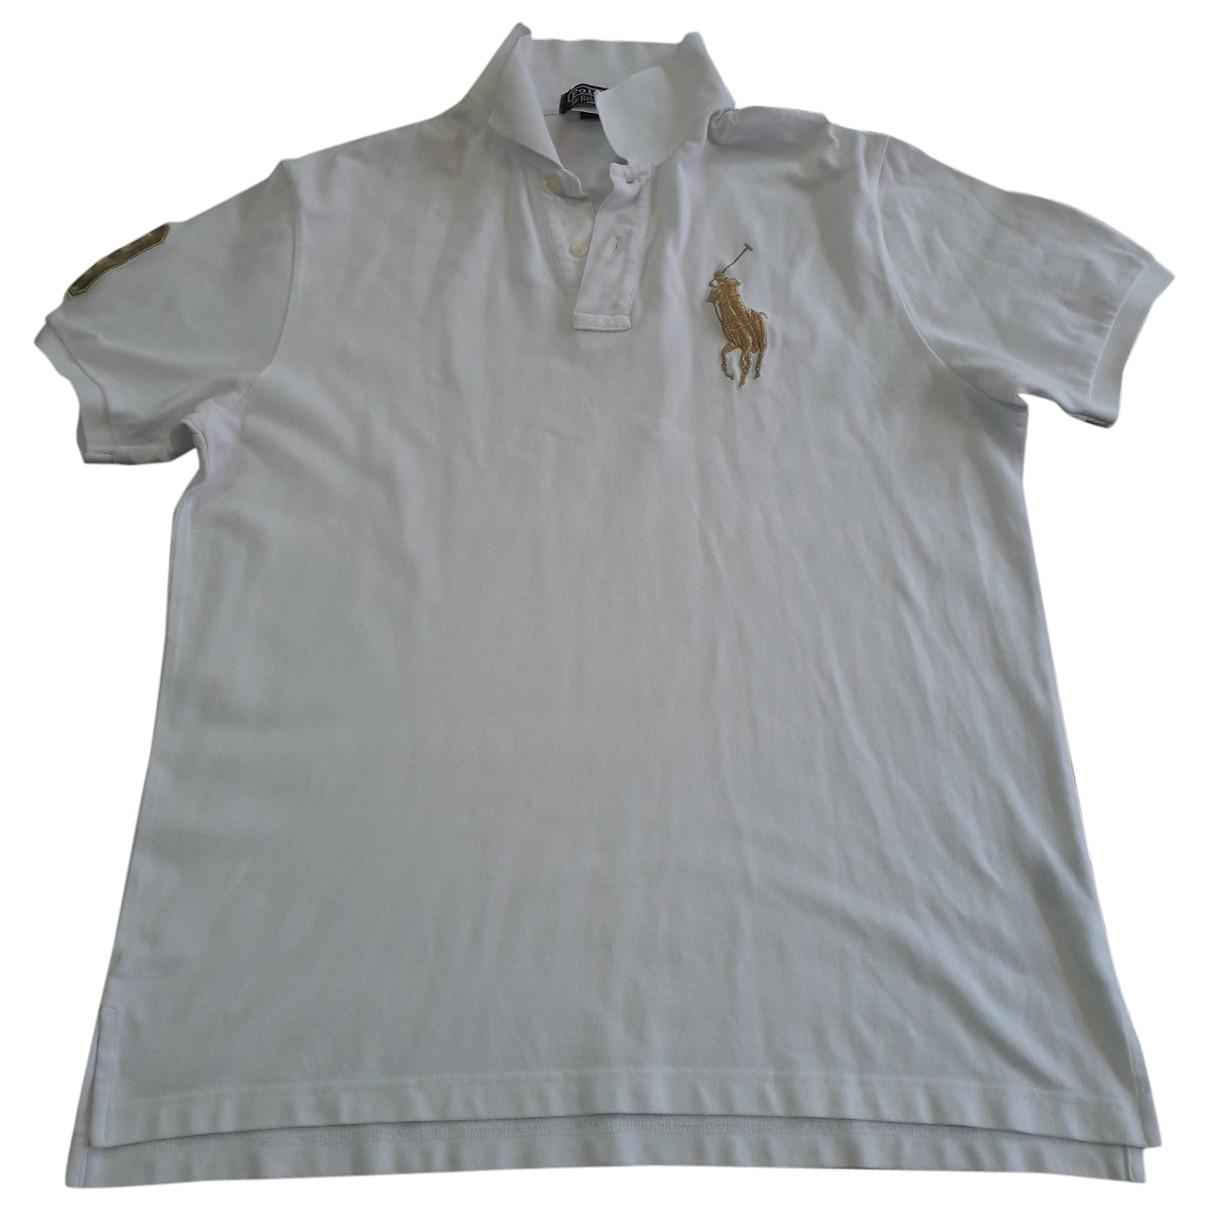 Polo Ralph Lauren Polo cintré manches courtes White Cotton Polo shirts for Men XL International